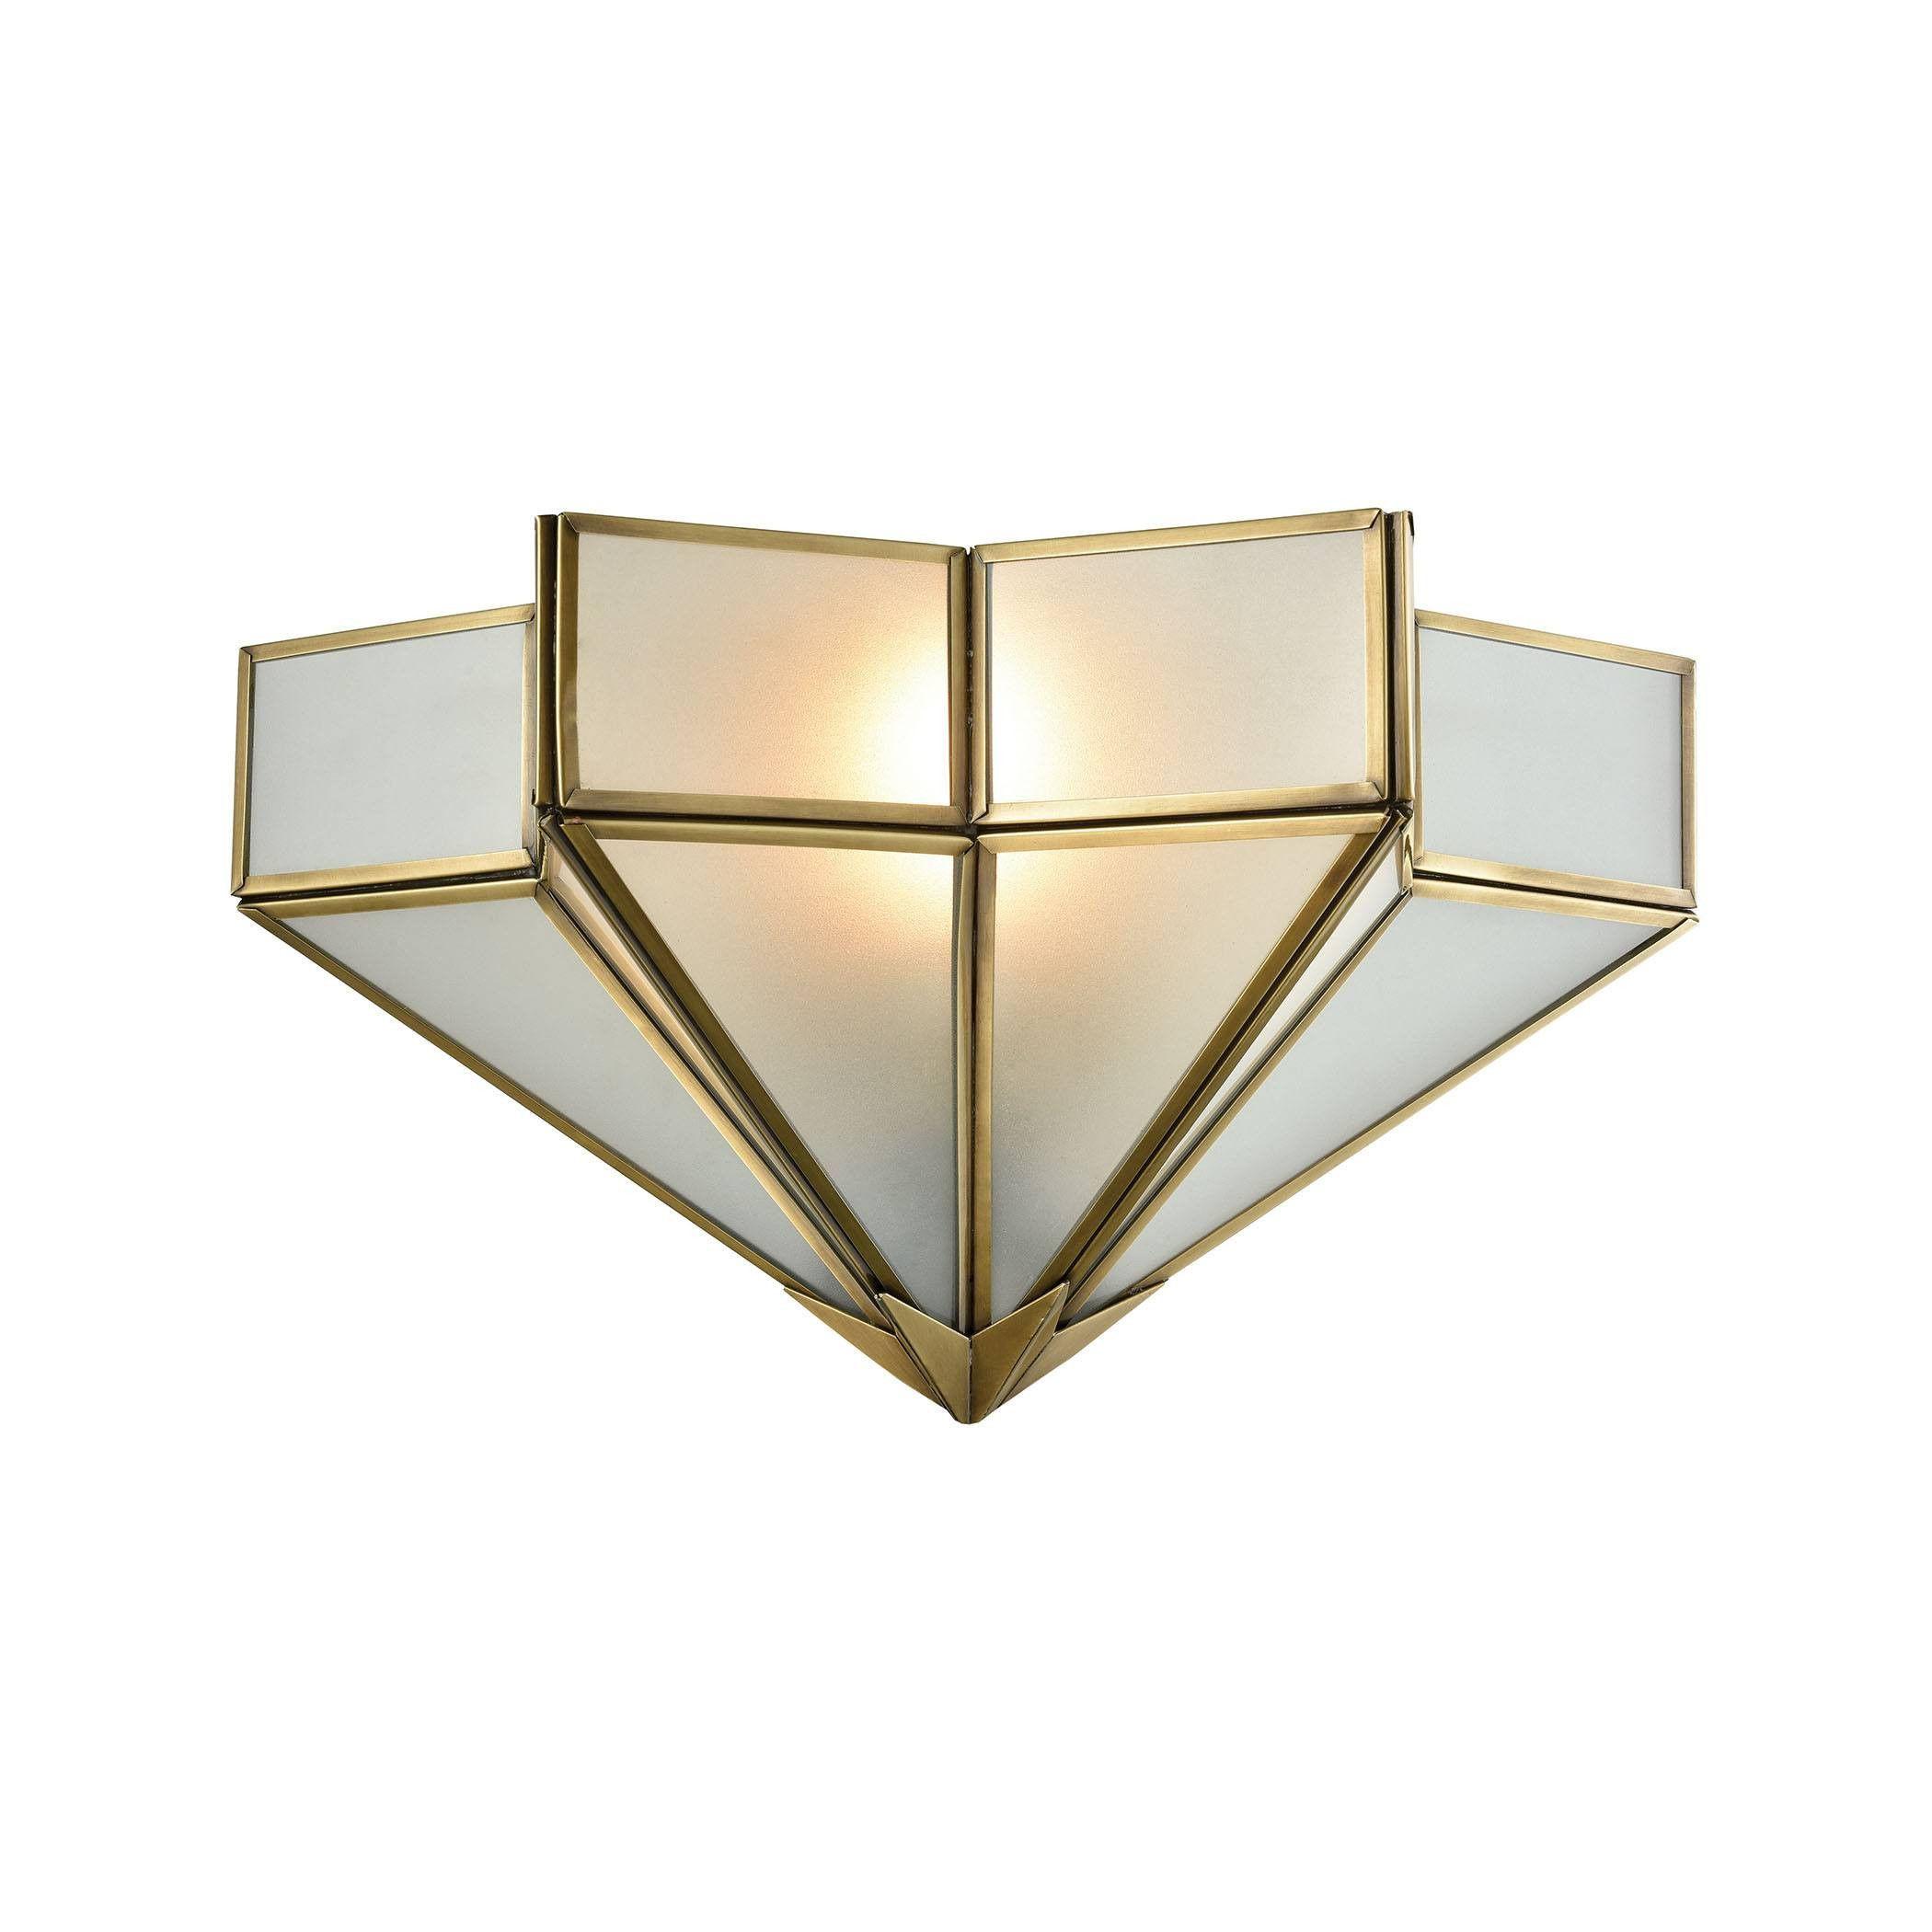 1984fcd350d7 Art Deco Glass Sconce Light Fixture